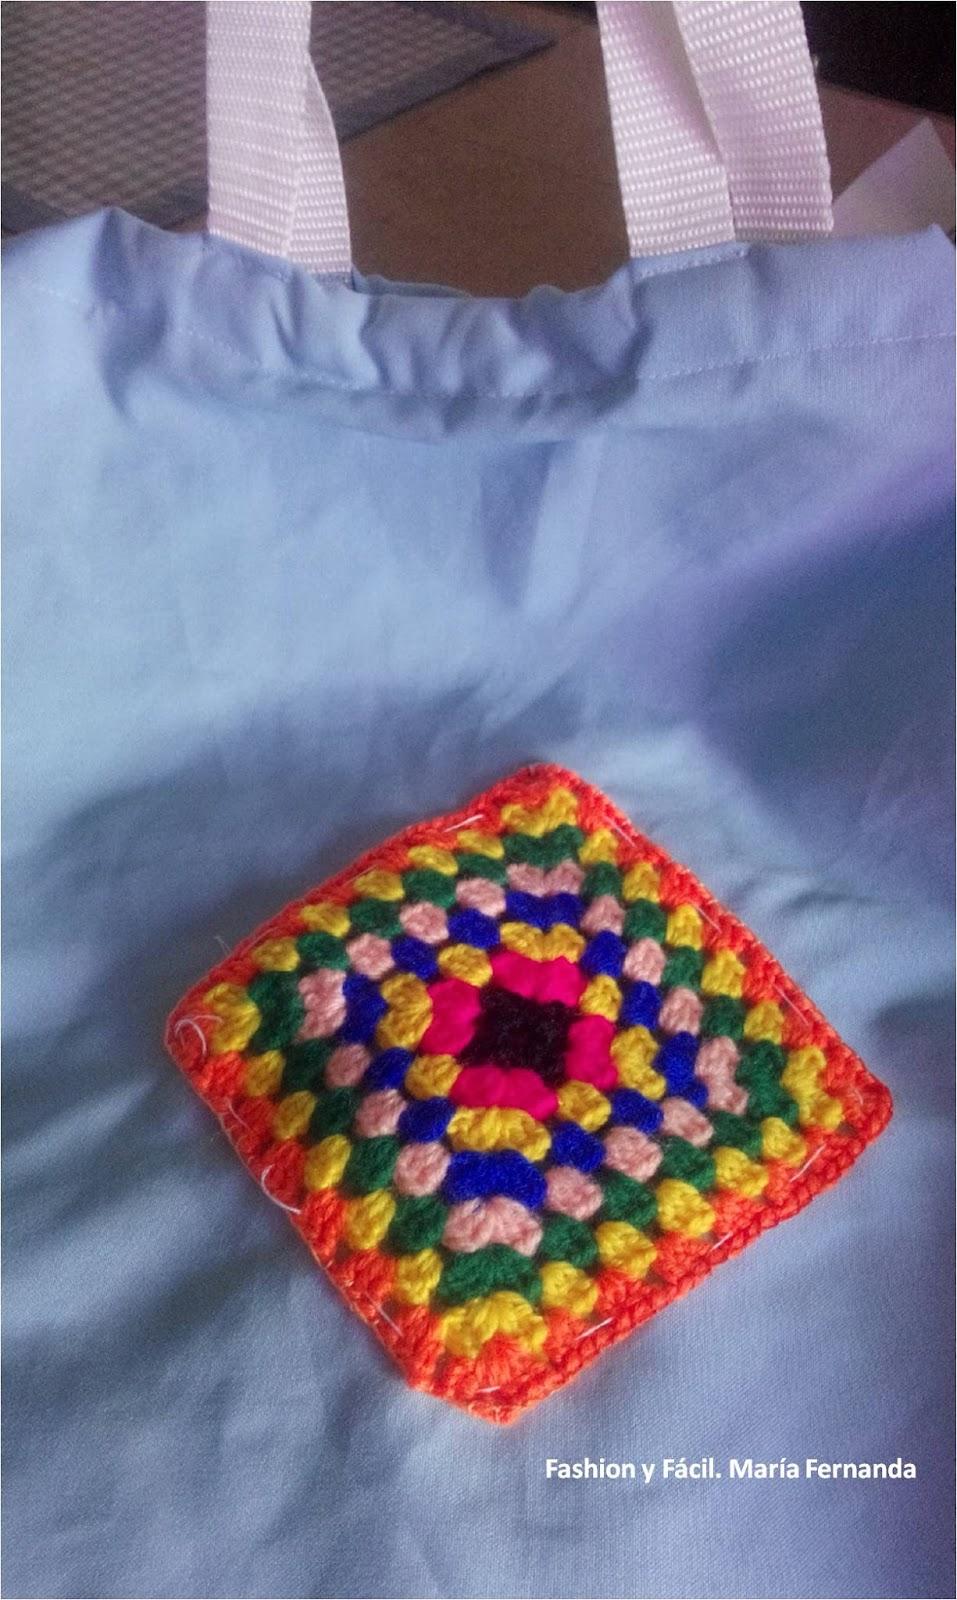 Fashion y Fácil : Punto para coser apliques de crochet. DIY un ...